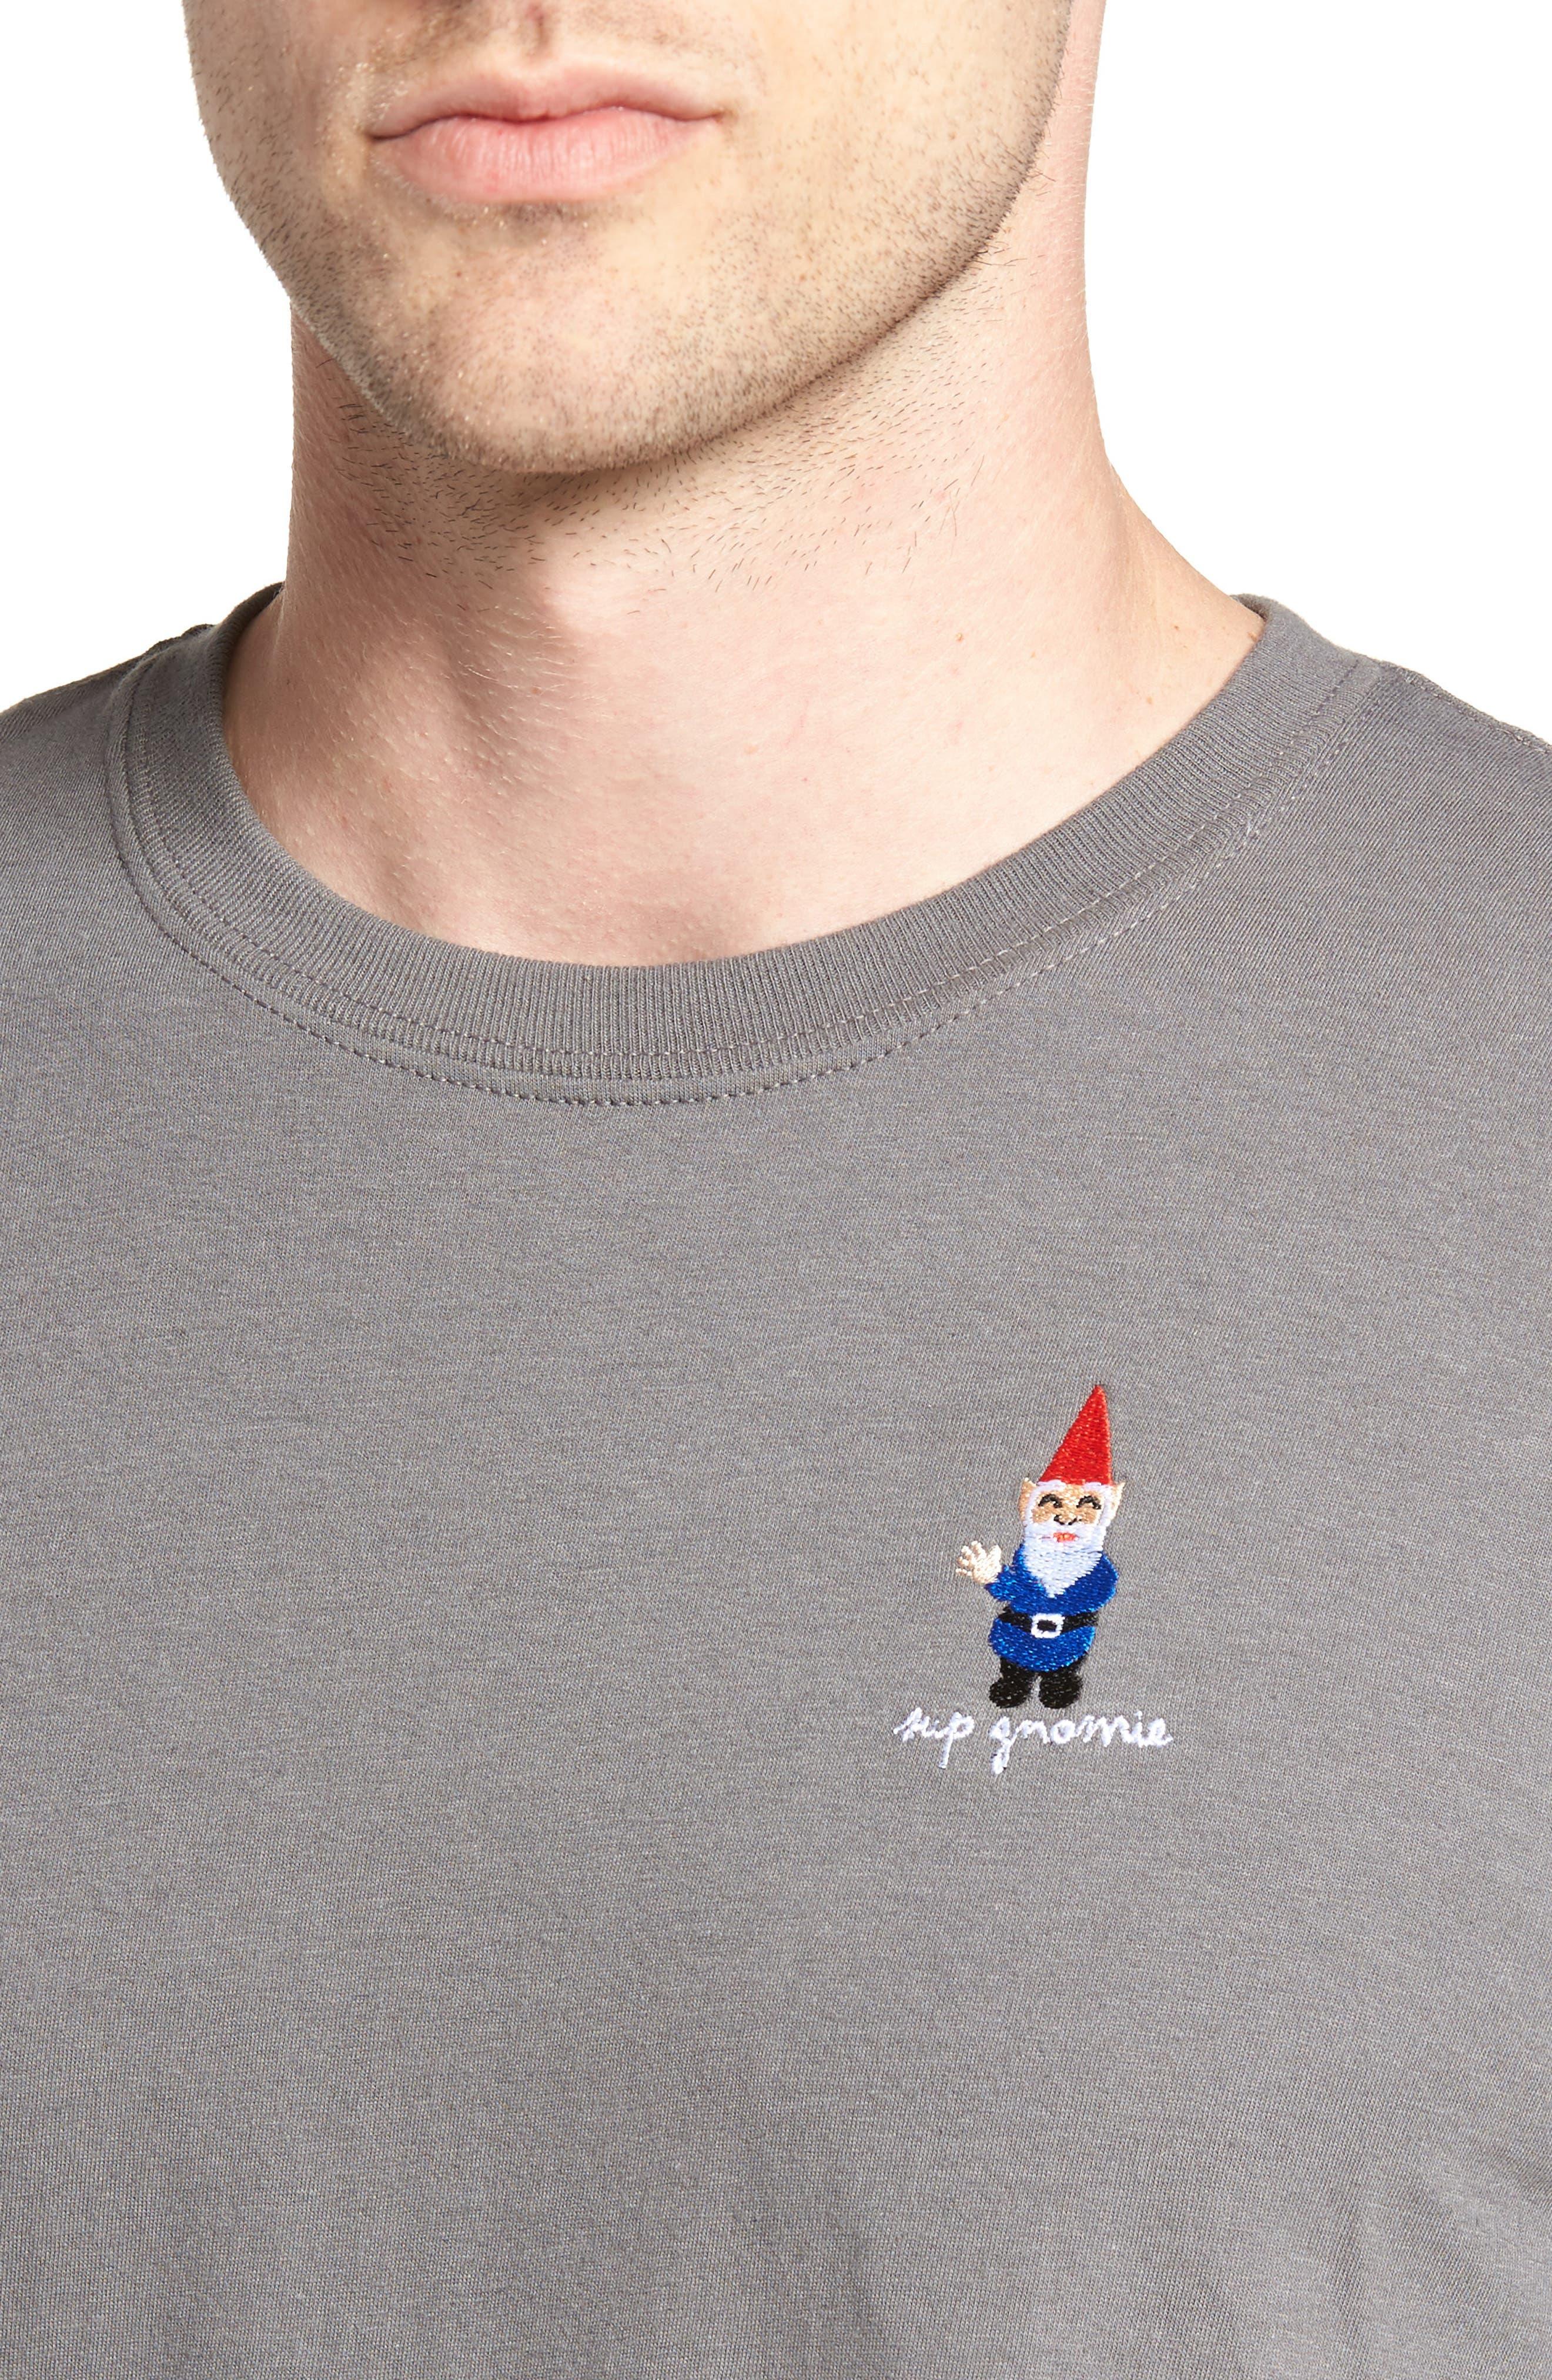 Gnome T-Shirt,                             Alternate thumbnail 4, color,